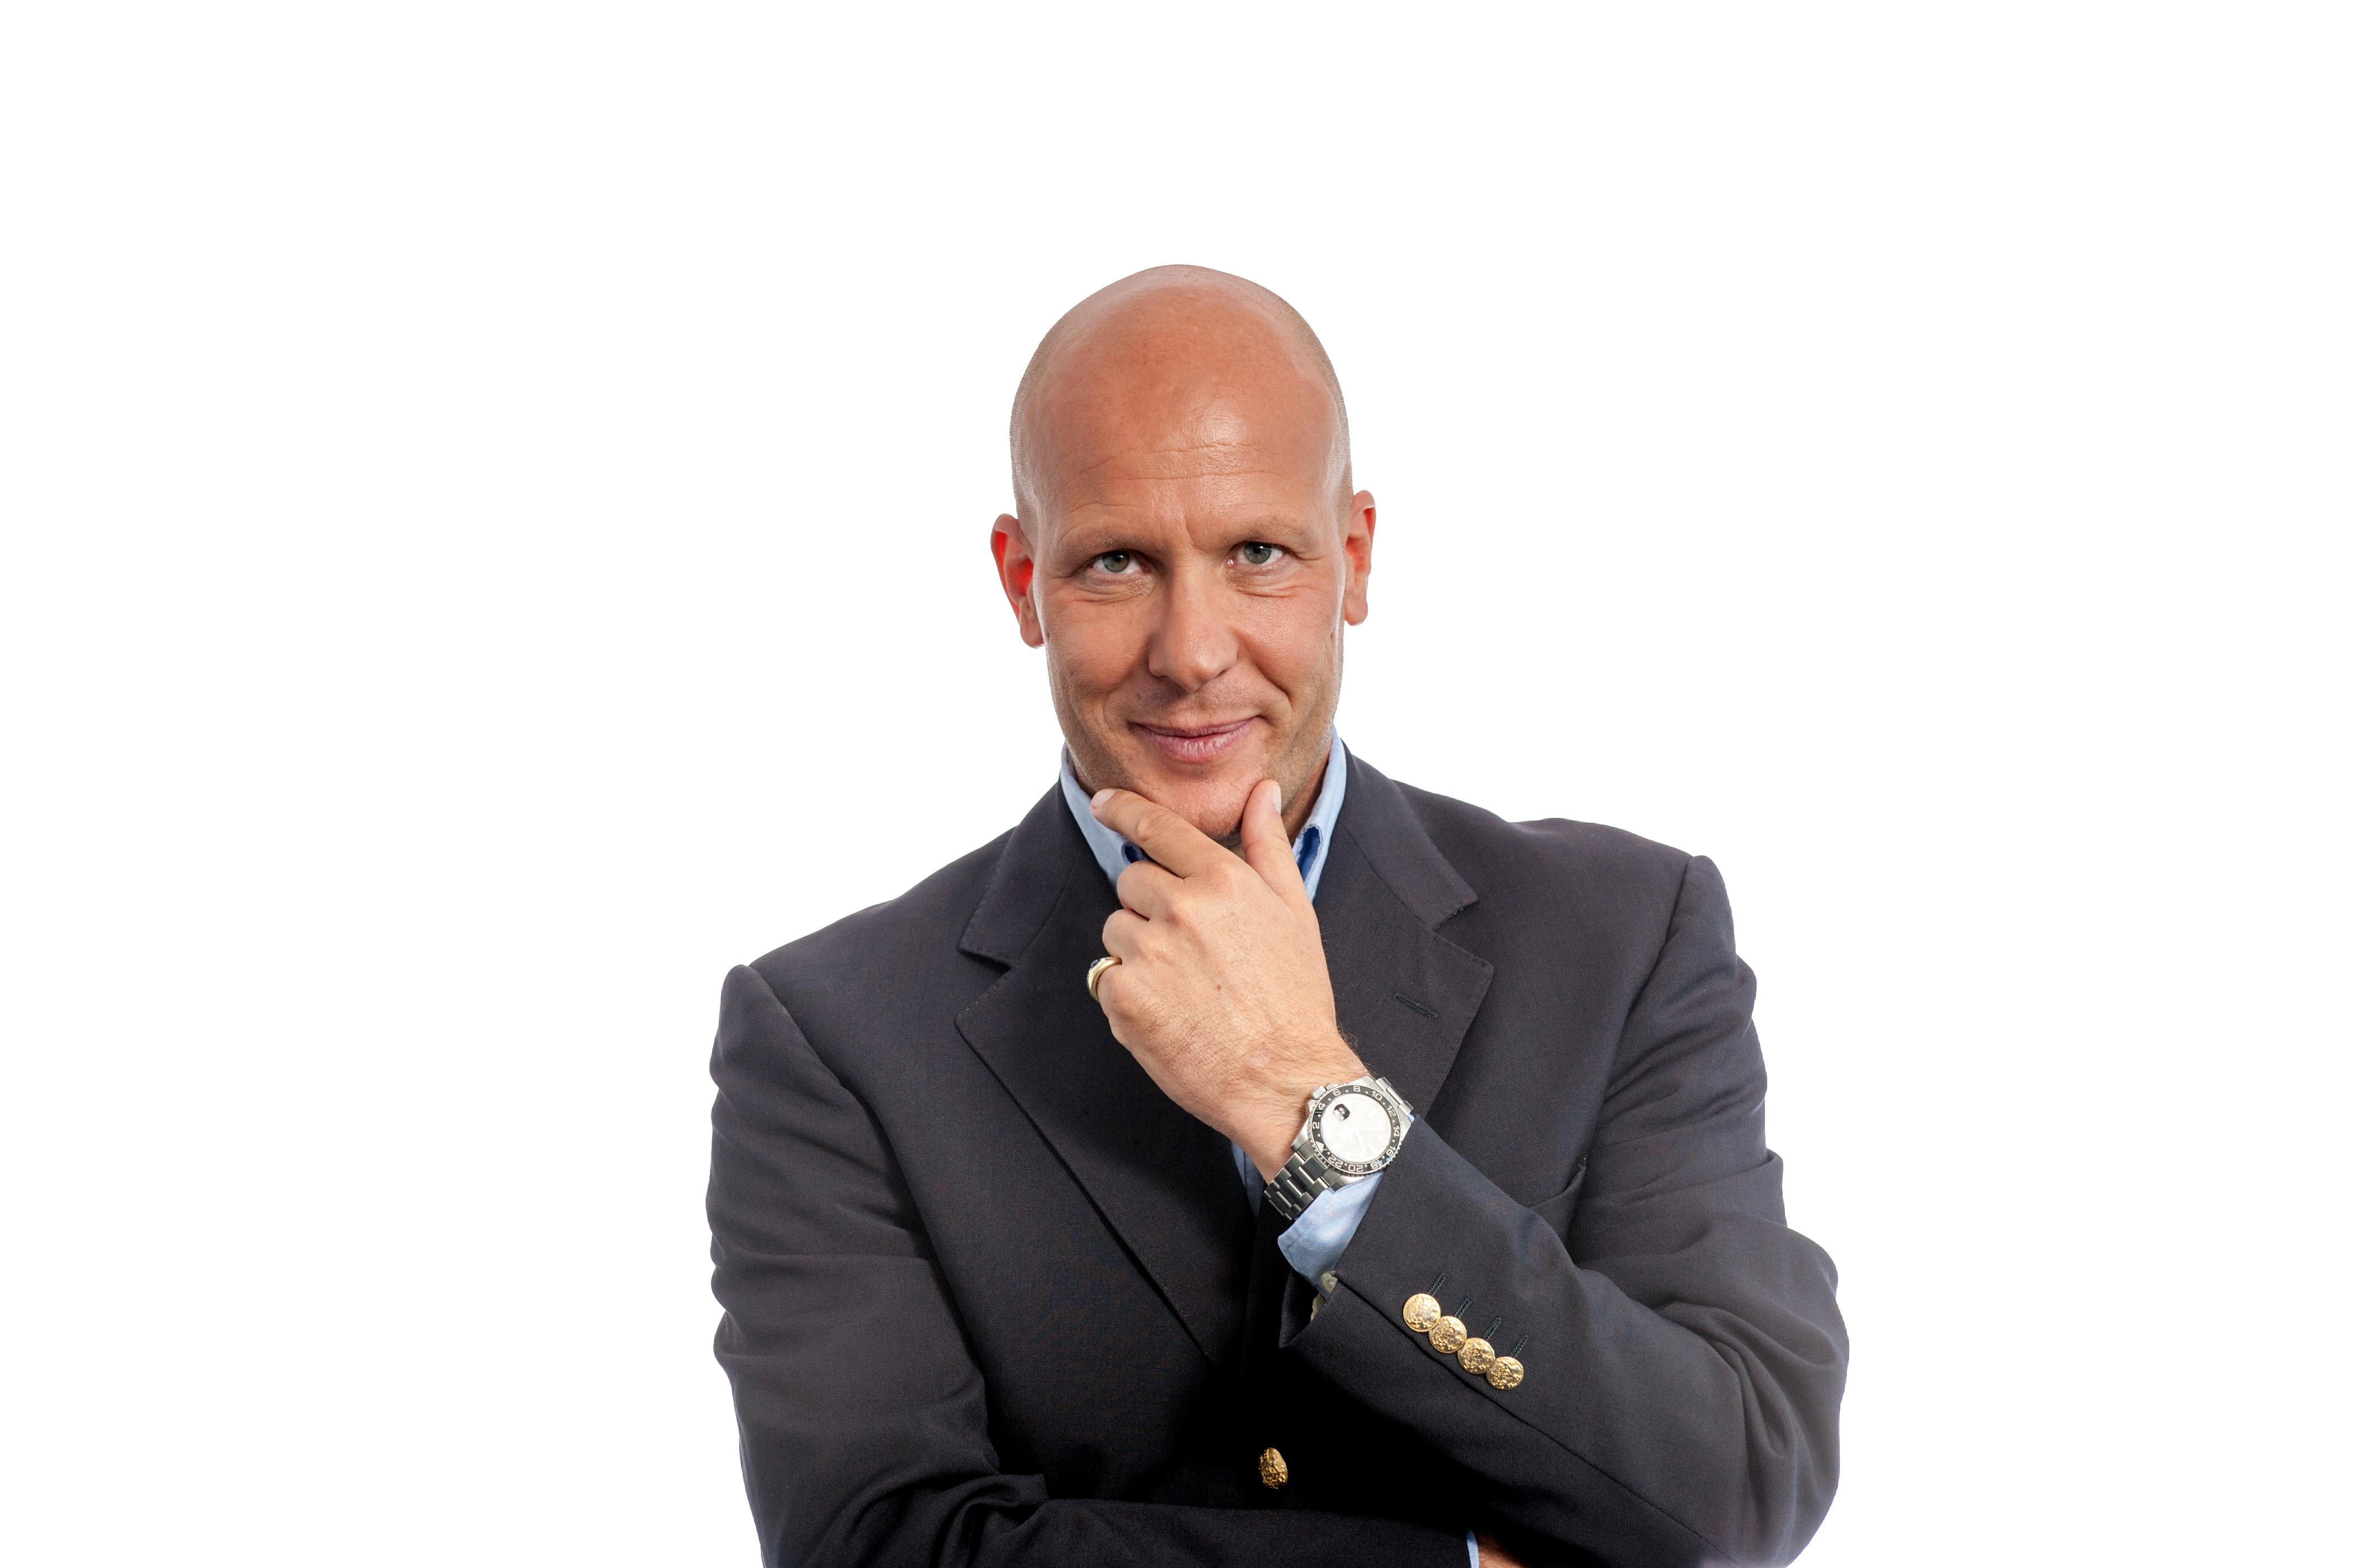 Motivationscoach Frank Wilde Zeigen Dass Man Die Ausbildung Will